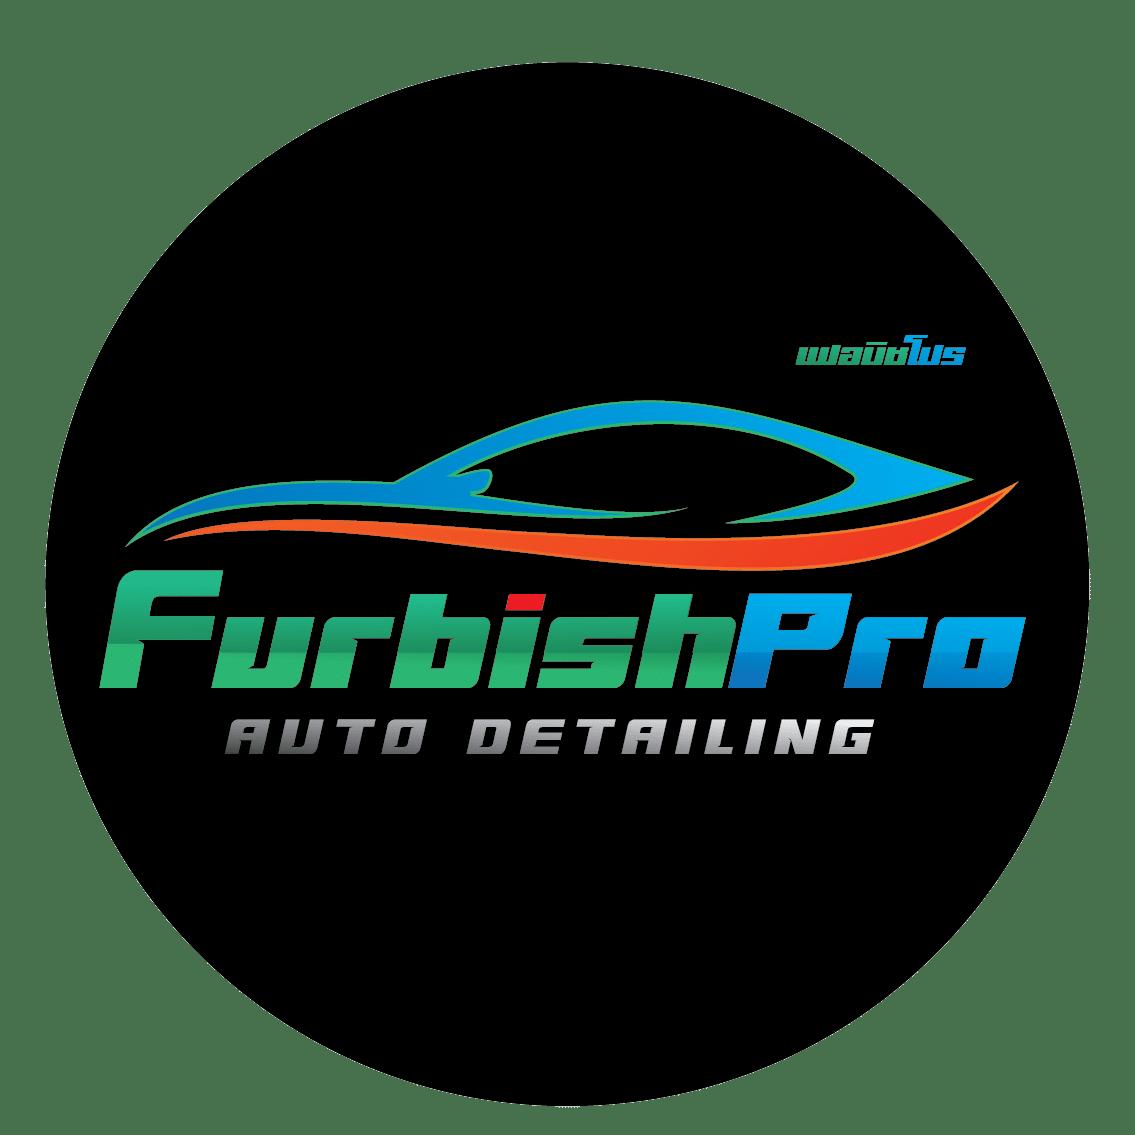 Furbish Auto Detailing